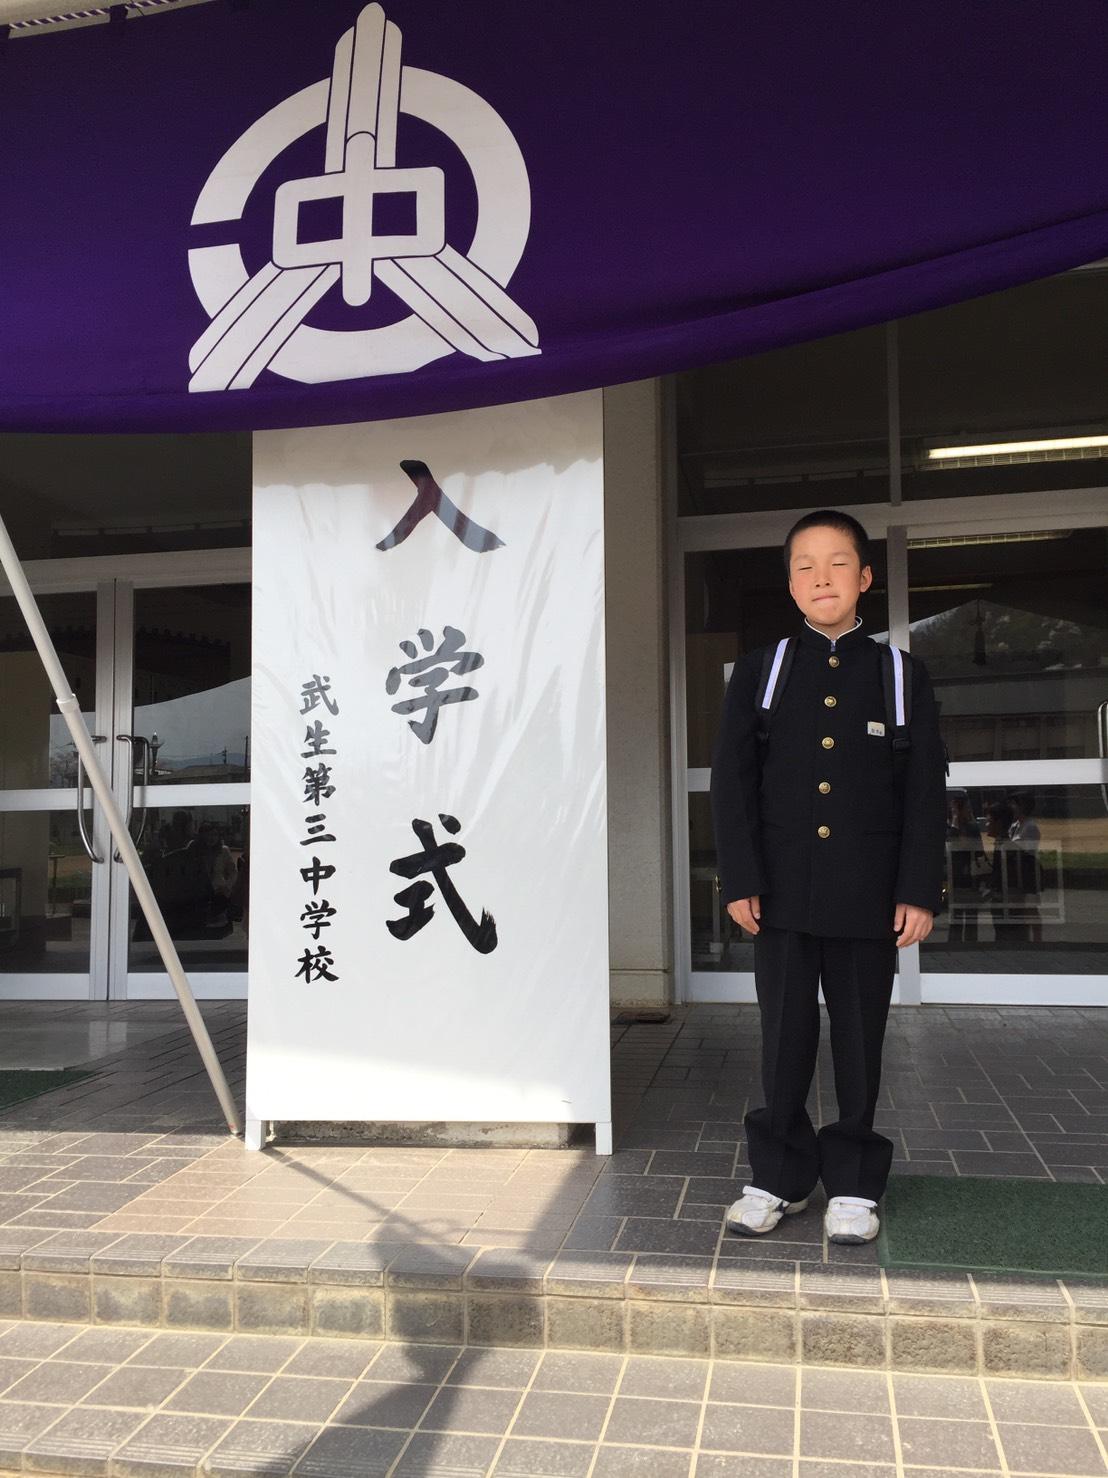 2016.04.06 中学校入学式